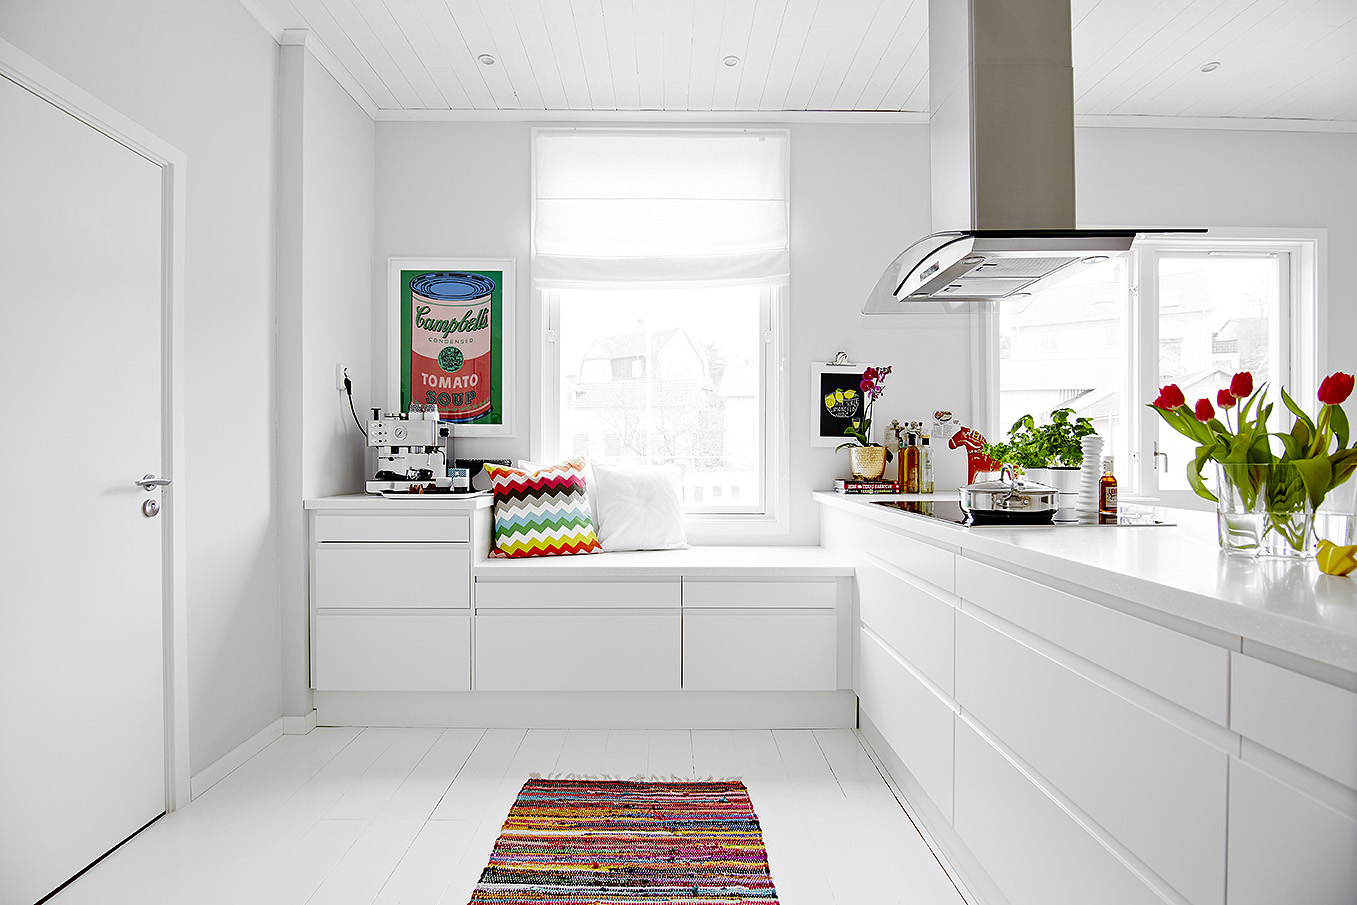 La cocina es lo importante blog decoraci n estilo n rdico delikatissen - Azulejos cocina ikea ...